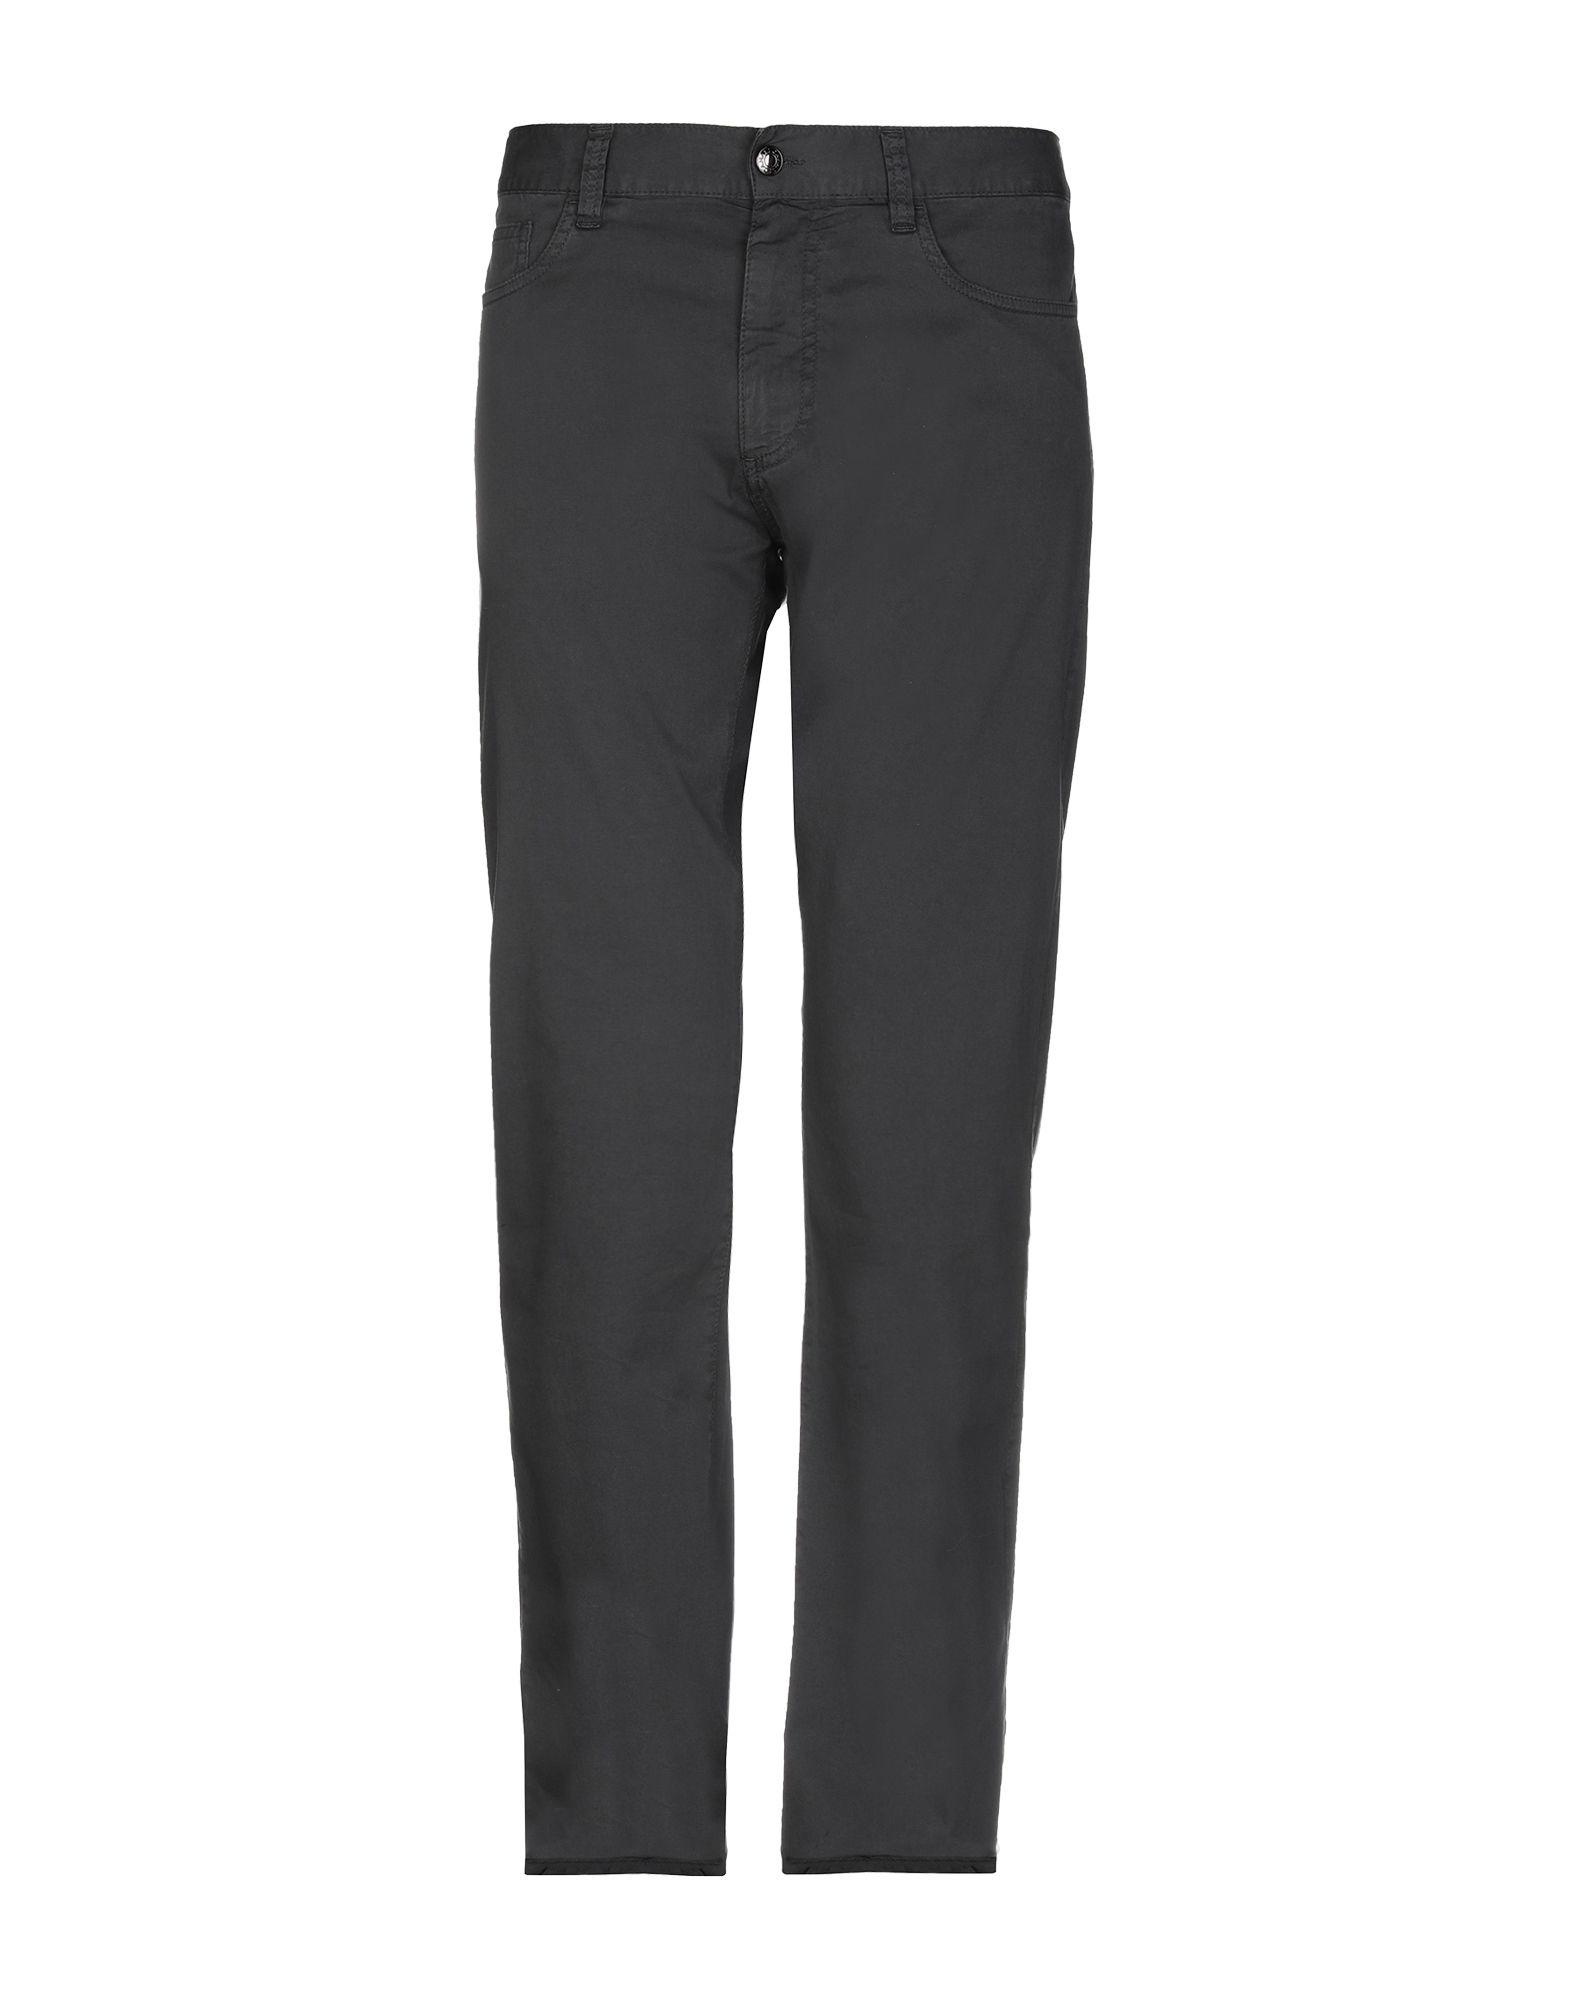 《送料無料》CANALI メンズ パンツ 鉛色 50 コットン